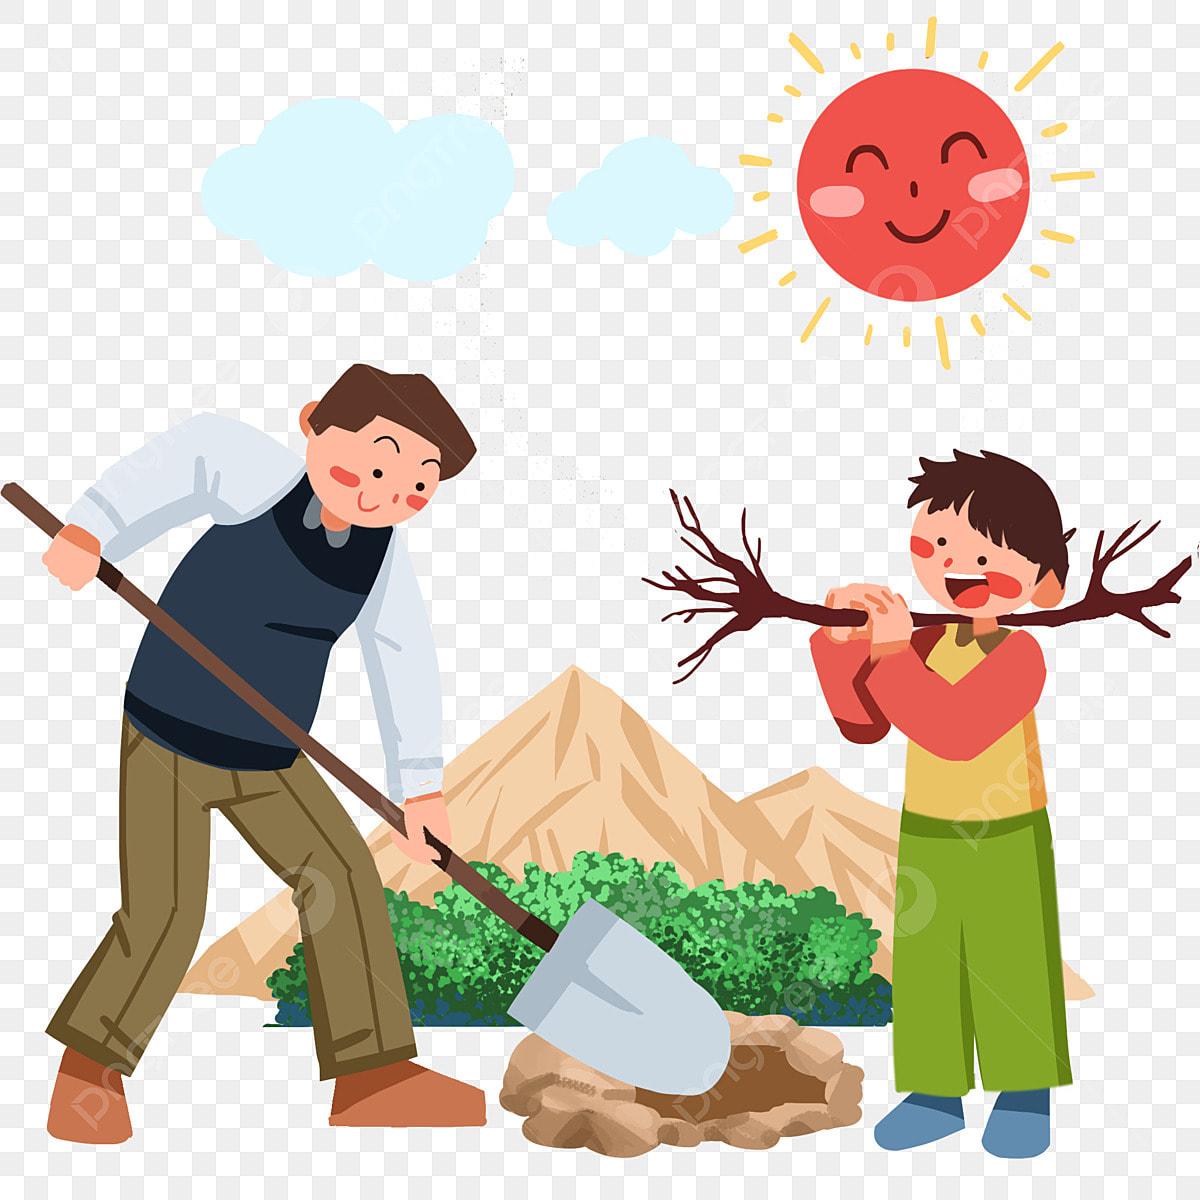 Arbor شخصية اليوم تصوير إبنة شجرة الزراعة الأحمر شمس الطفل الحفرة الأحمر شمس نبات النبات طفل يزرع شجرة طفل شجرة يزرع Png وملف Psd للتحميل مجانا